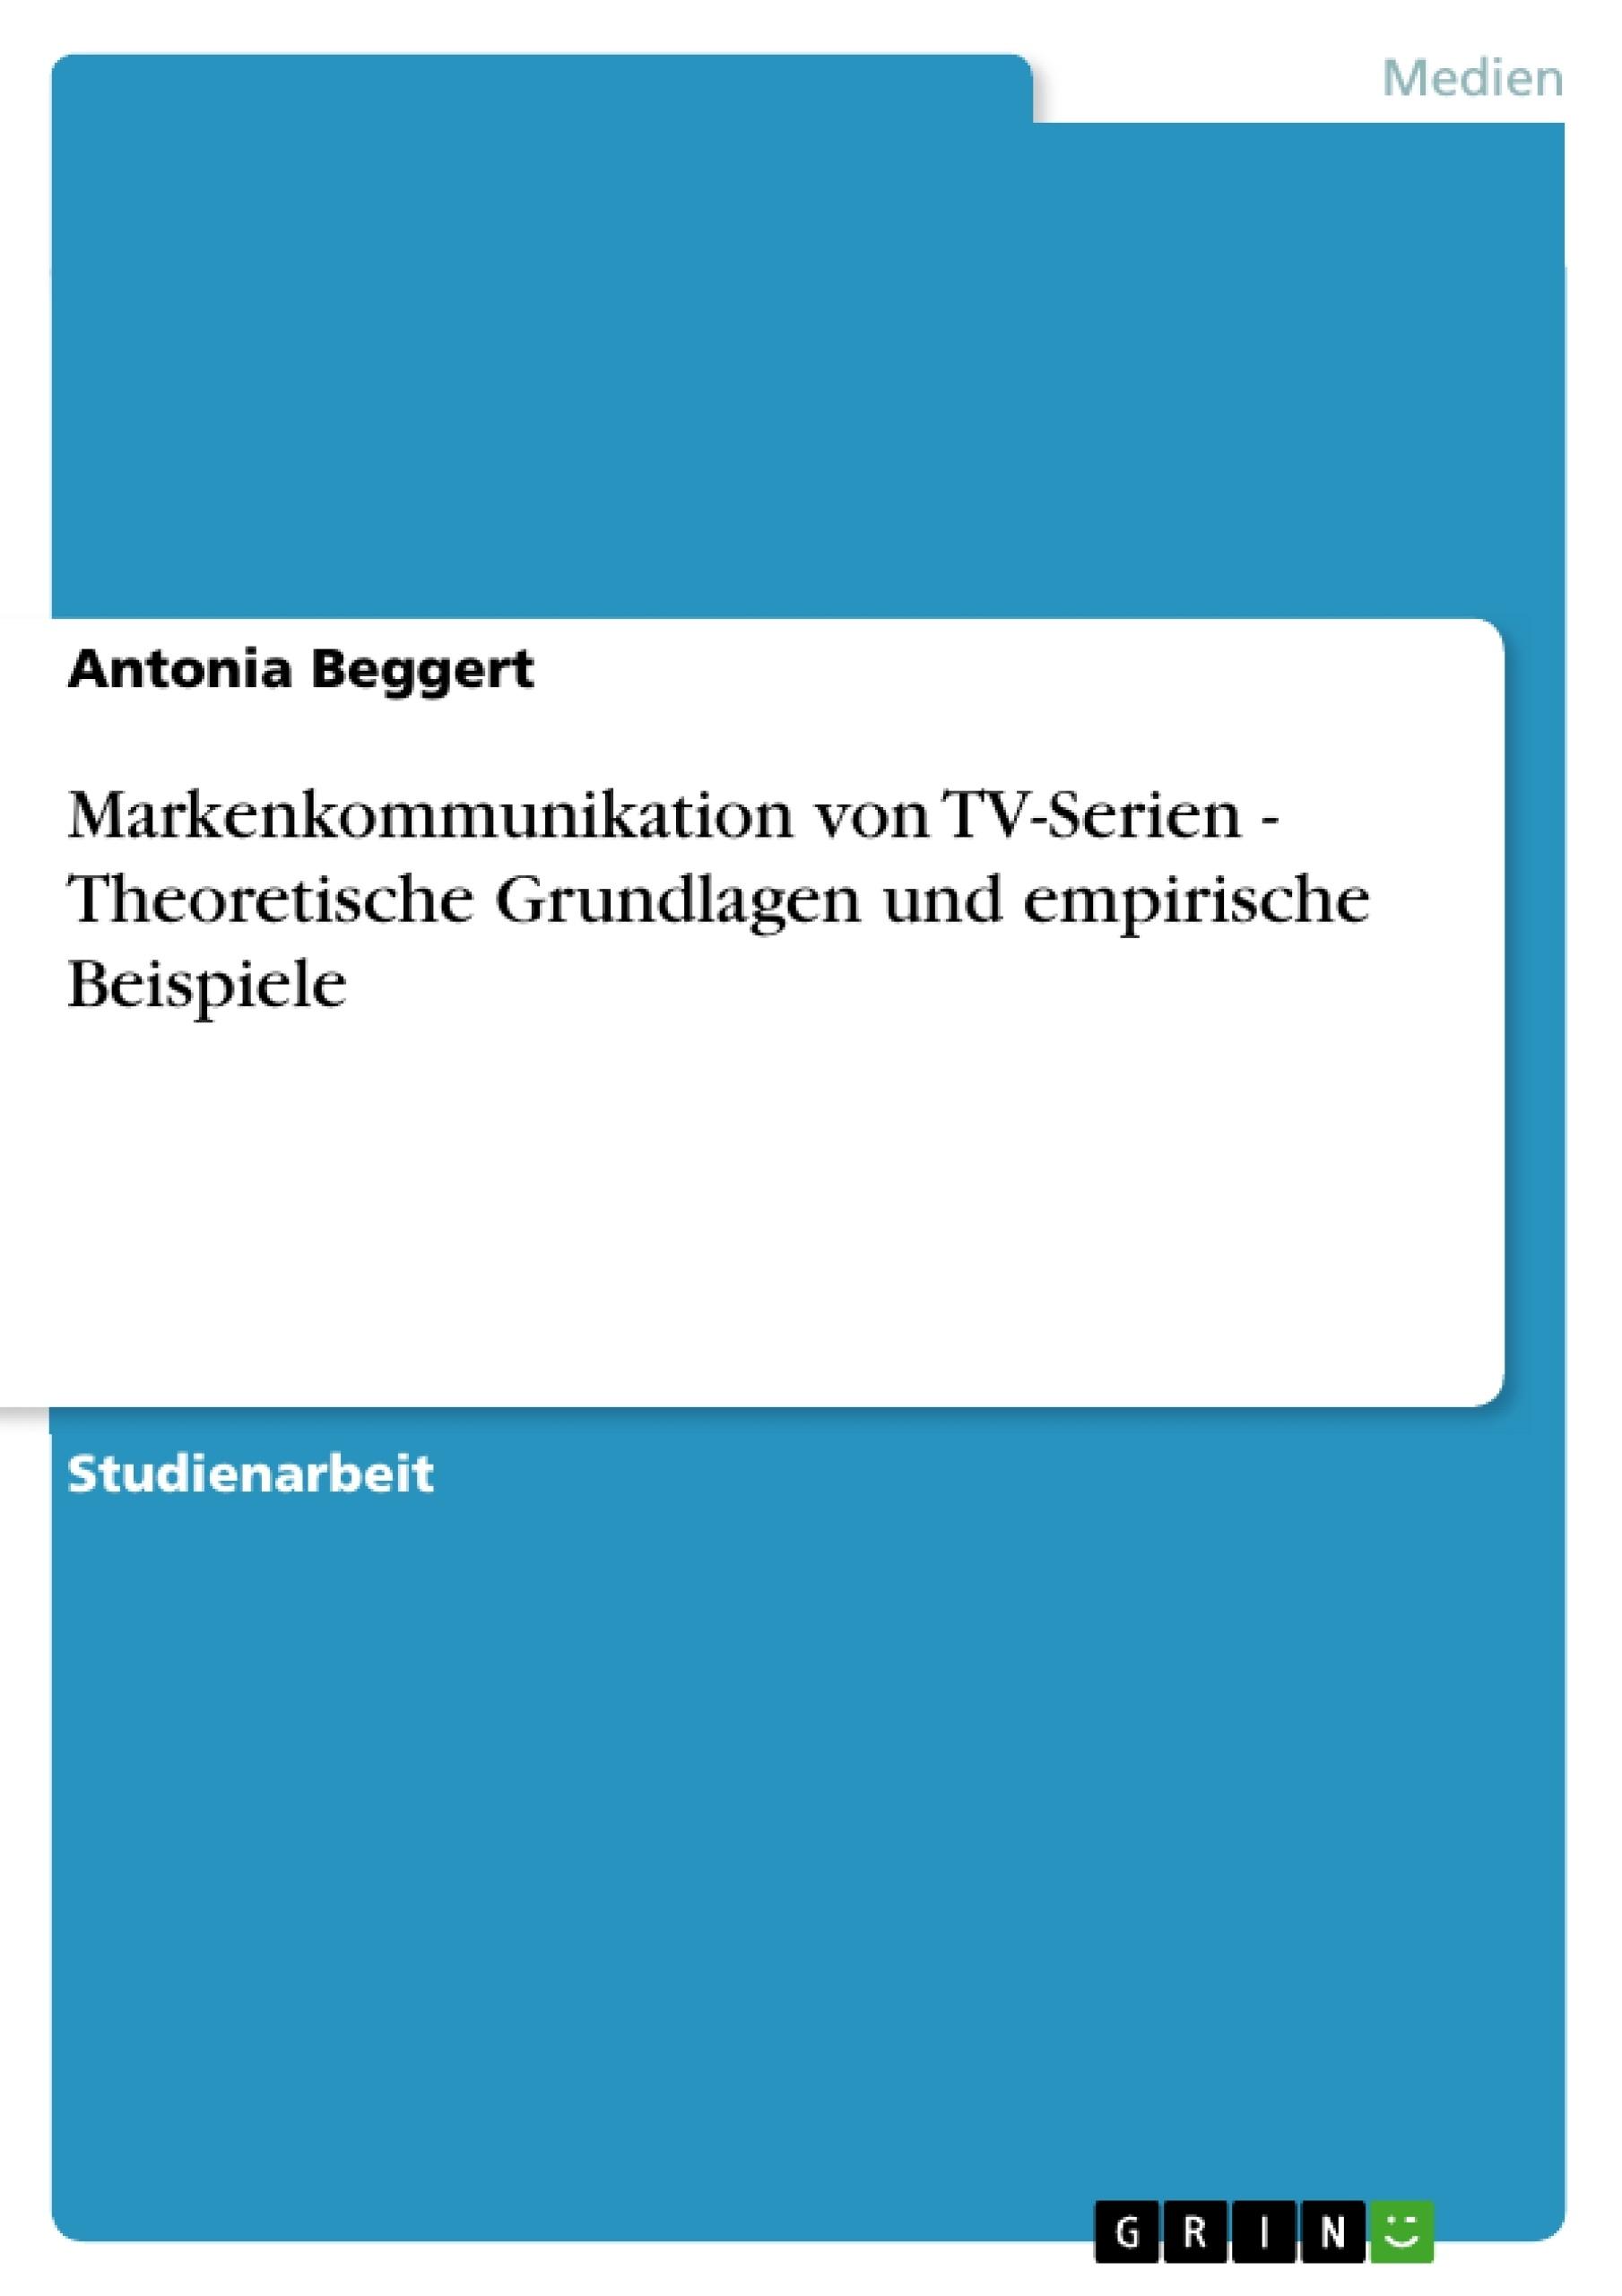 Titel: Markenkommunikation von TV-Serien - Theoretische Grundlagen und empirische Beispiele